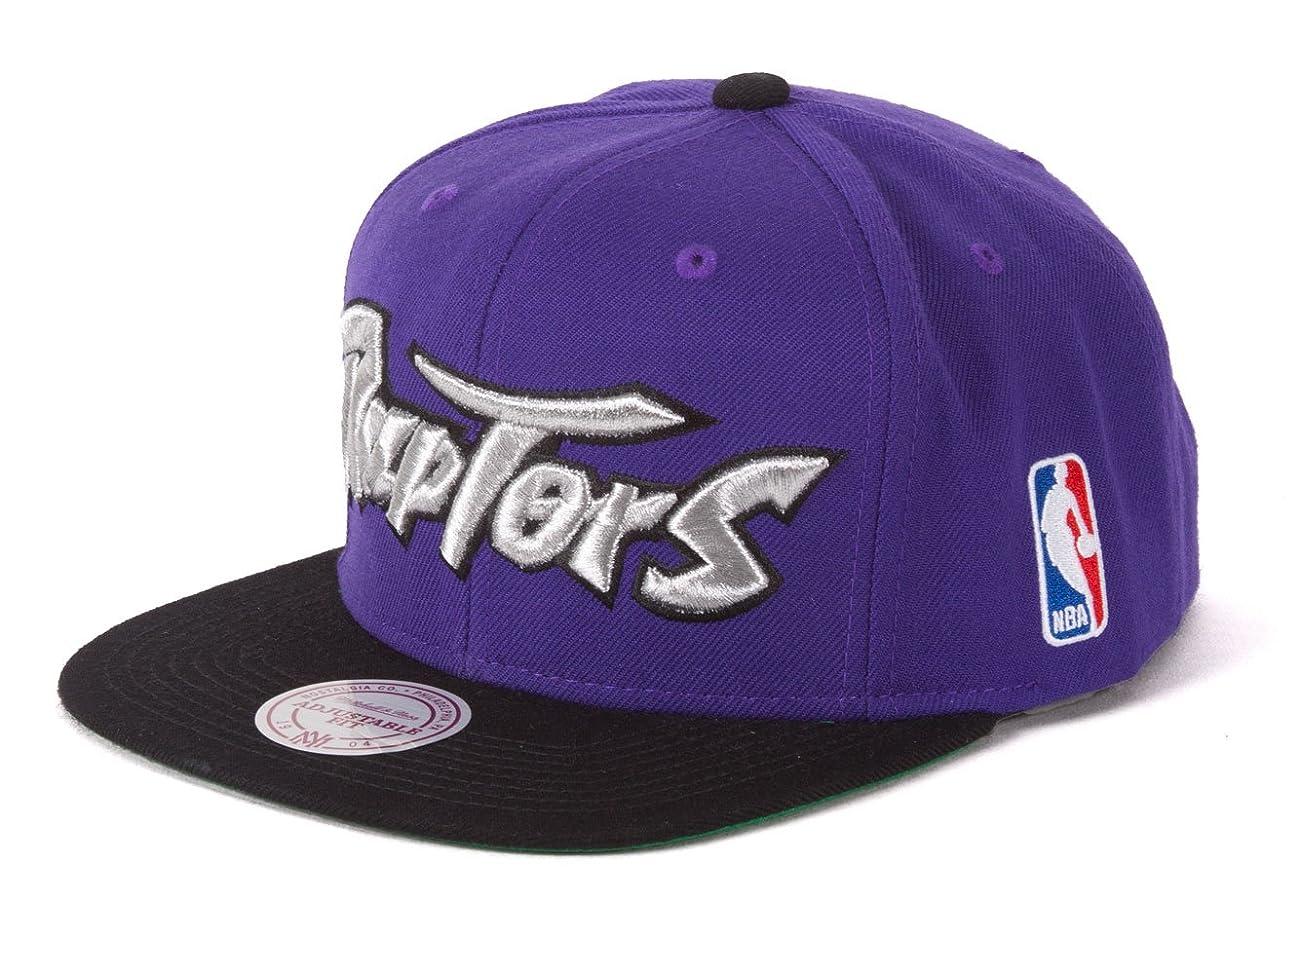 Toronto Raptors 2-Tone Vintage Snap back Hat 1